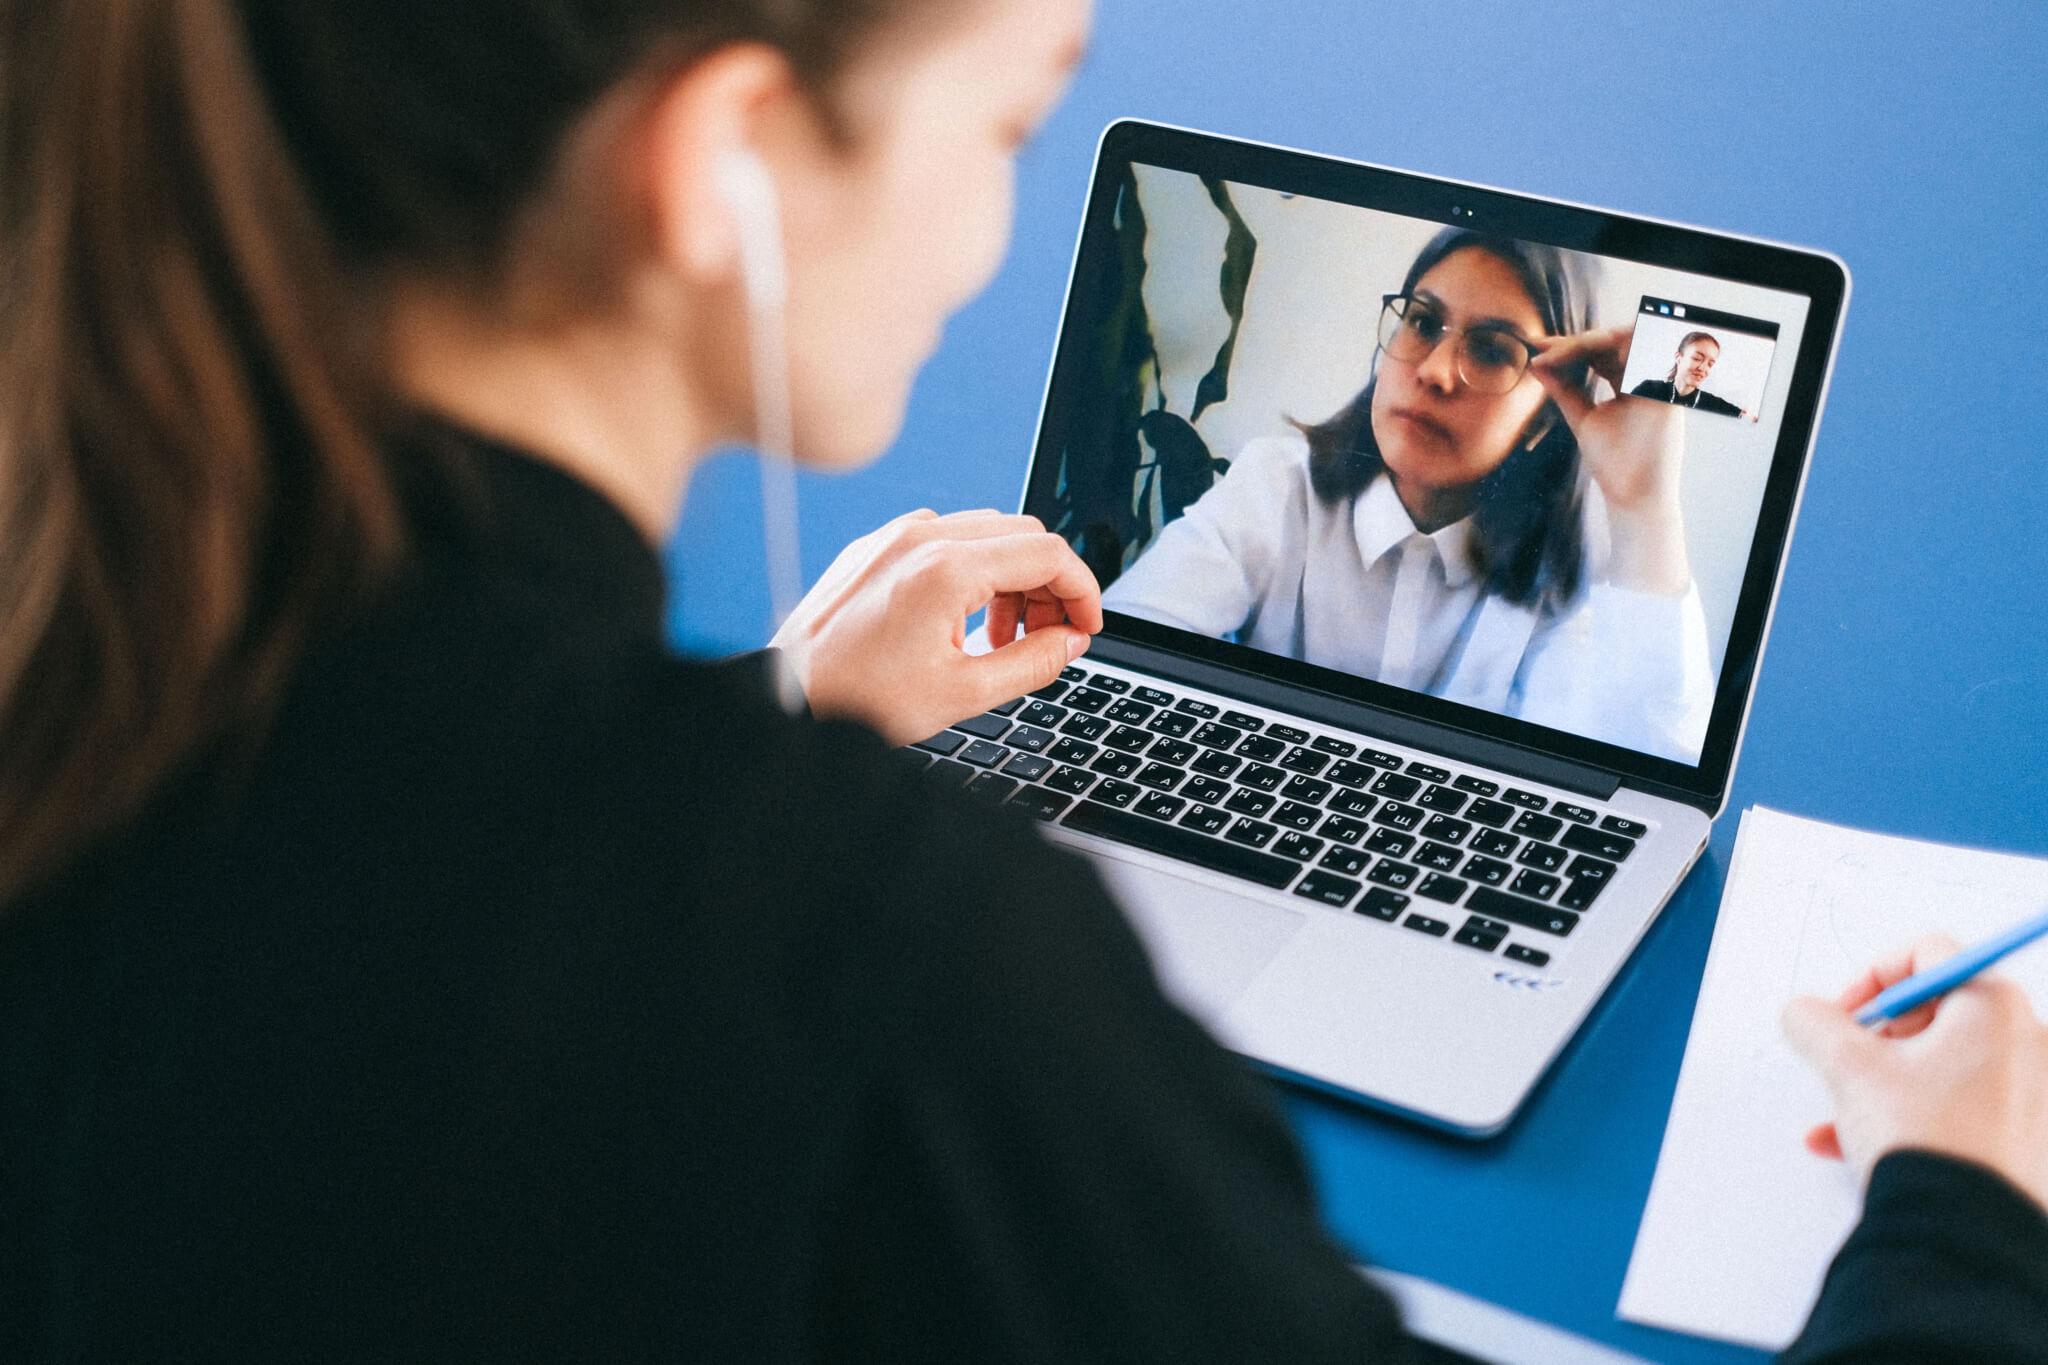 Curso de Psicologia da UNIFEBE realizará encontros virtuais para promoção da saúde mental na universidade